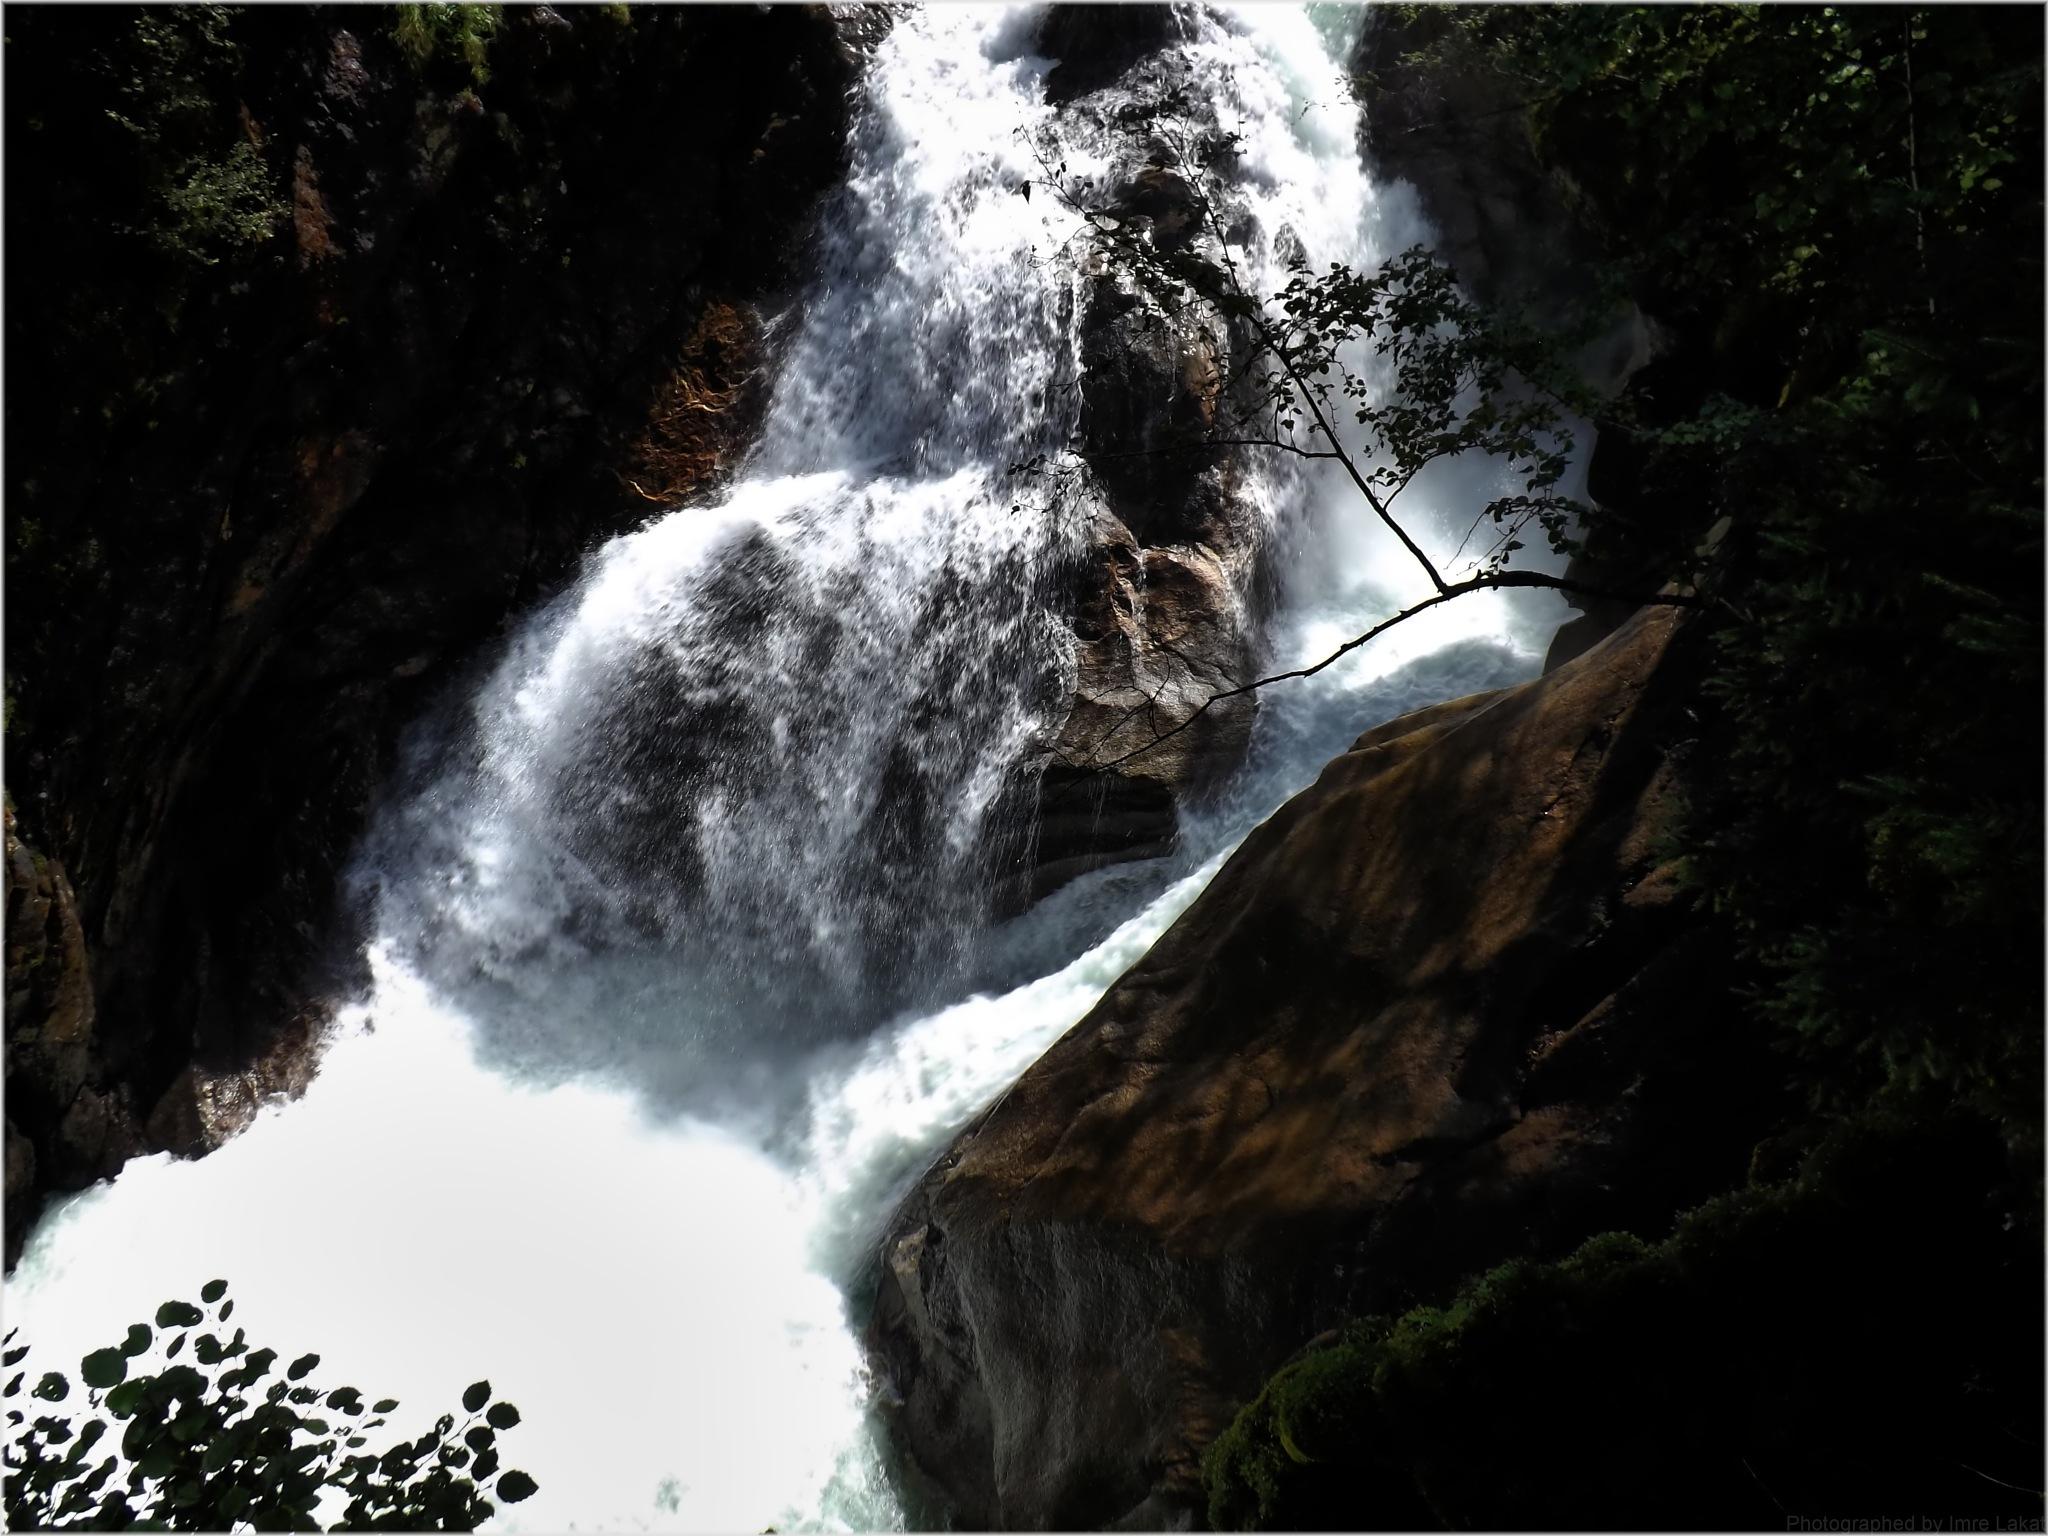 Krimml Waterfall  by Imre Lakat